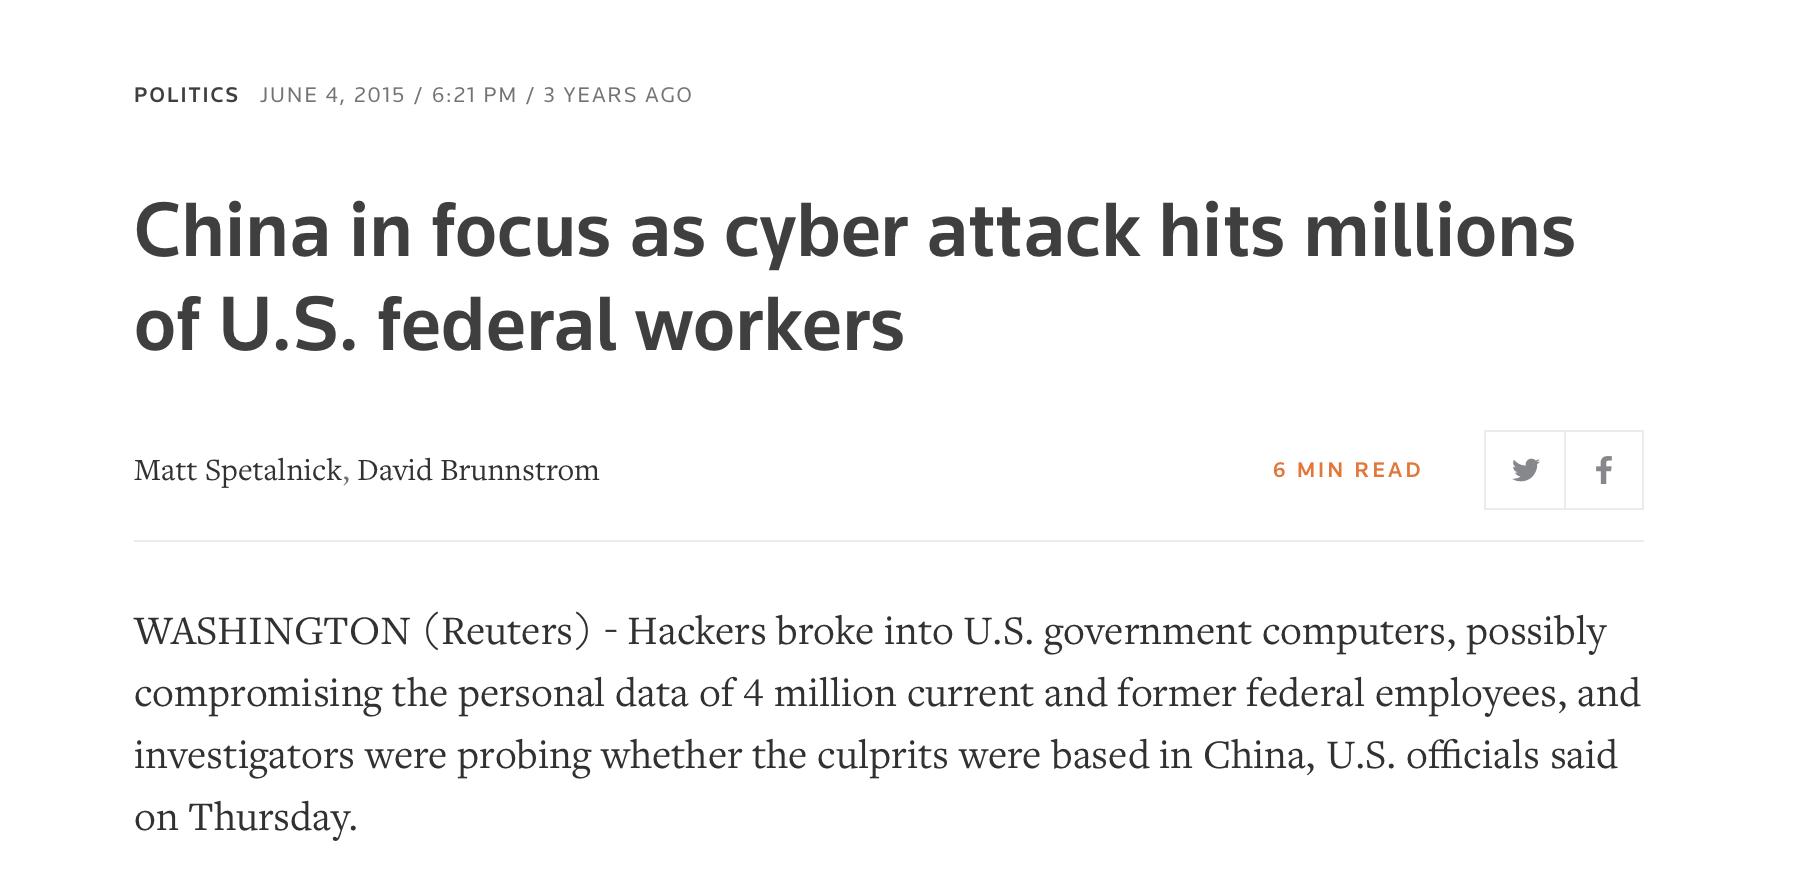 中国による米連邦政府職員へのサイバー攻撃